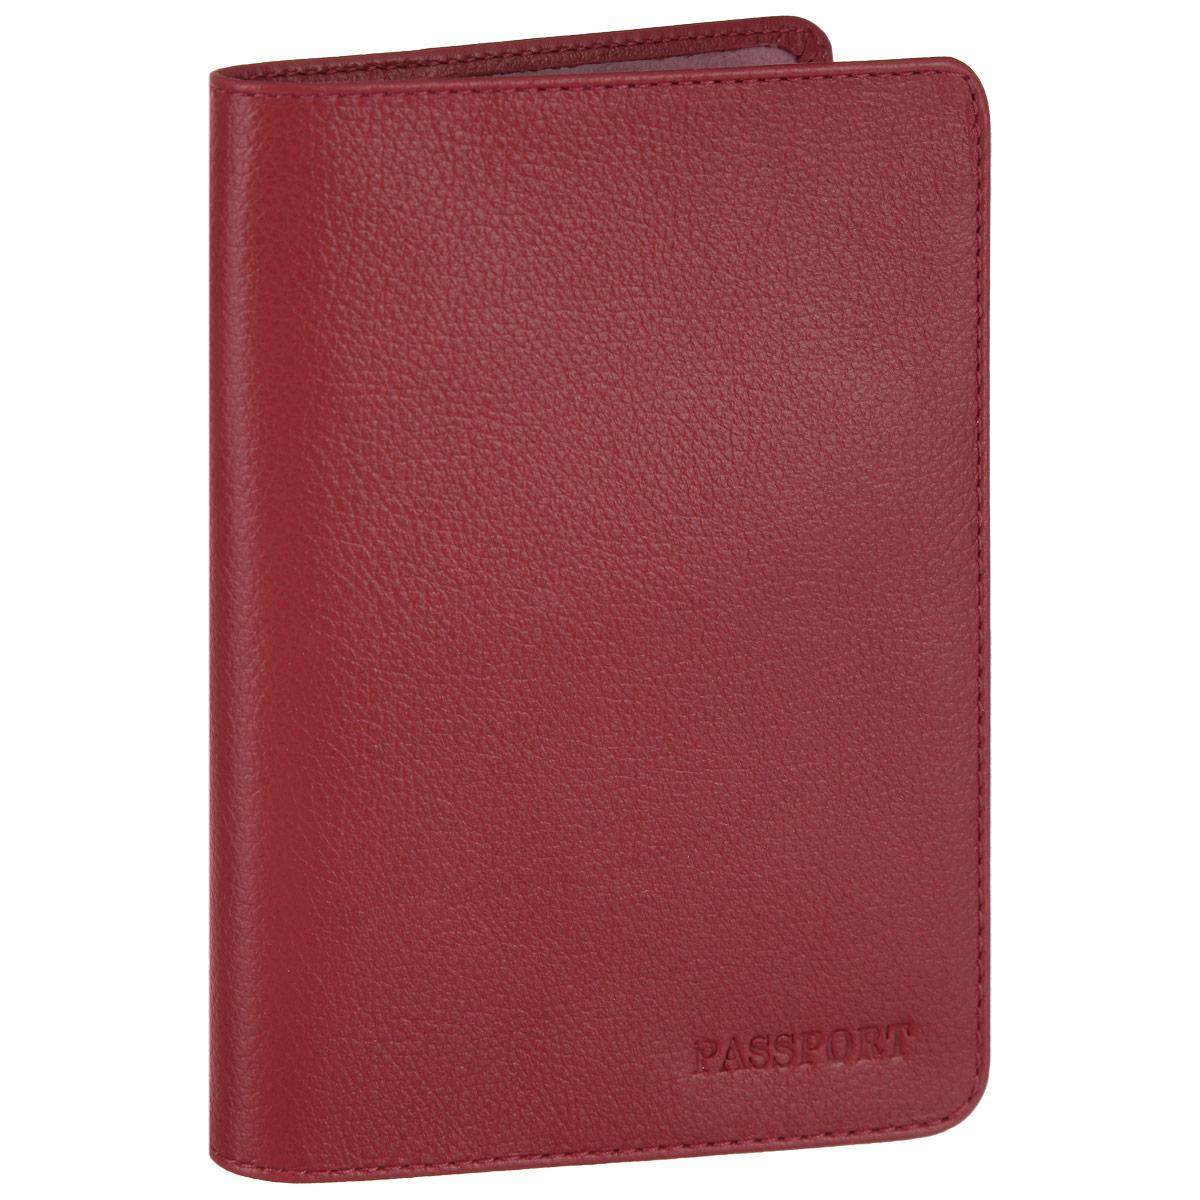 Обложка для паспорта Fabula, цвет: красный. O.53.FPO.53.FP. ягодныйСтильная обложка для паспорта Fabula выполнена из натуральной кожи с зернистой текстурой, оформлена надписью Passport. Обложка для паспорта раскладывается пополам, внутри расположены два пластиковых кармашка. Такая обложка для паспорта станет прекрасным и стильным подарком человеку, любящему оригинальные и практичные вещи.